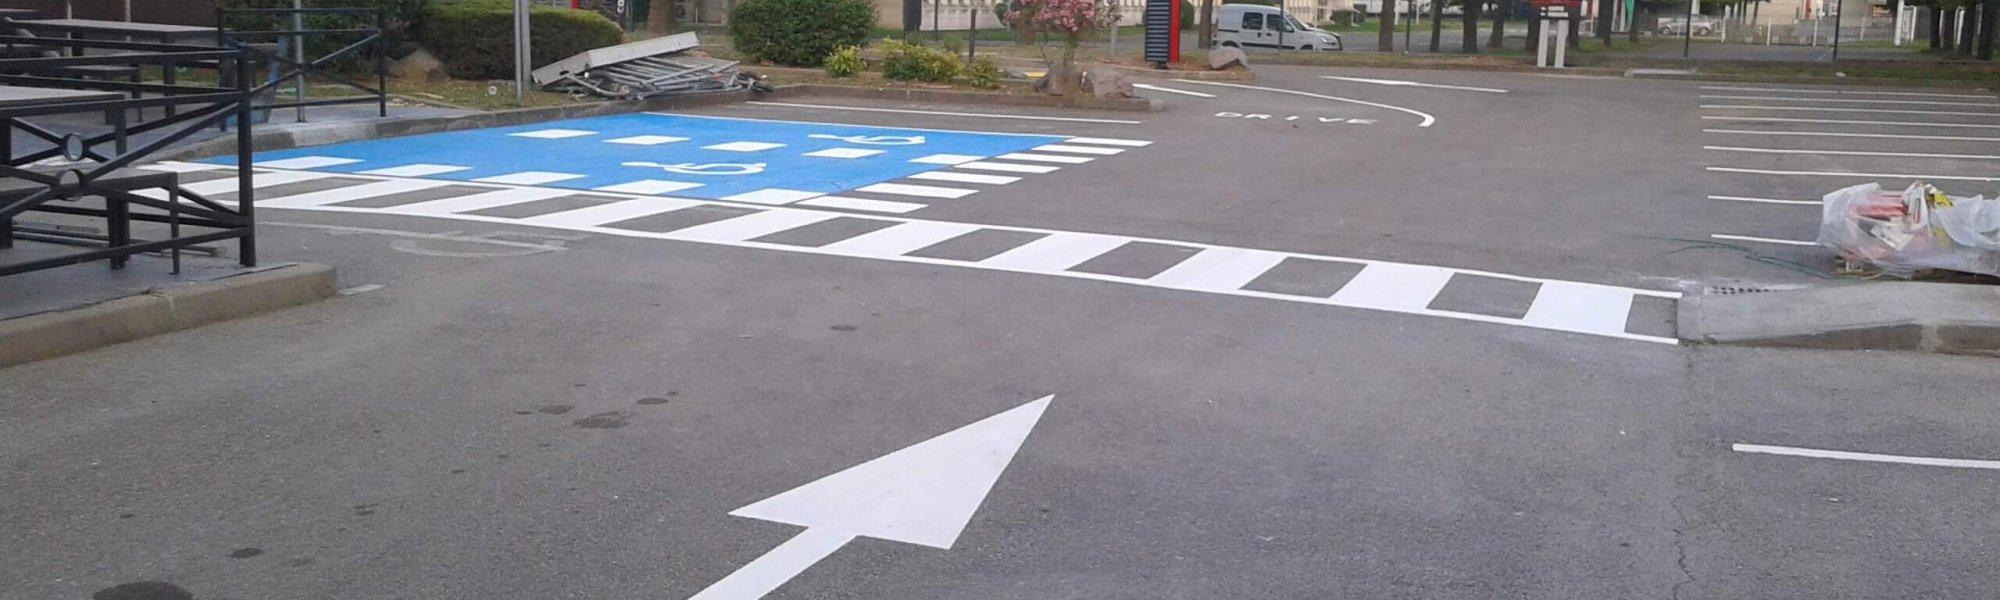 Signalisation verticale sur un parking